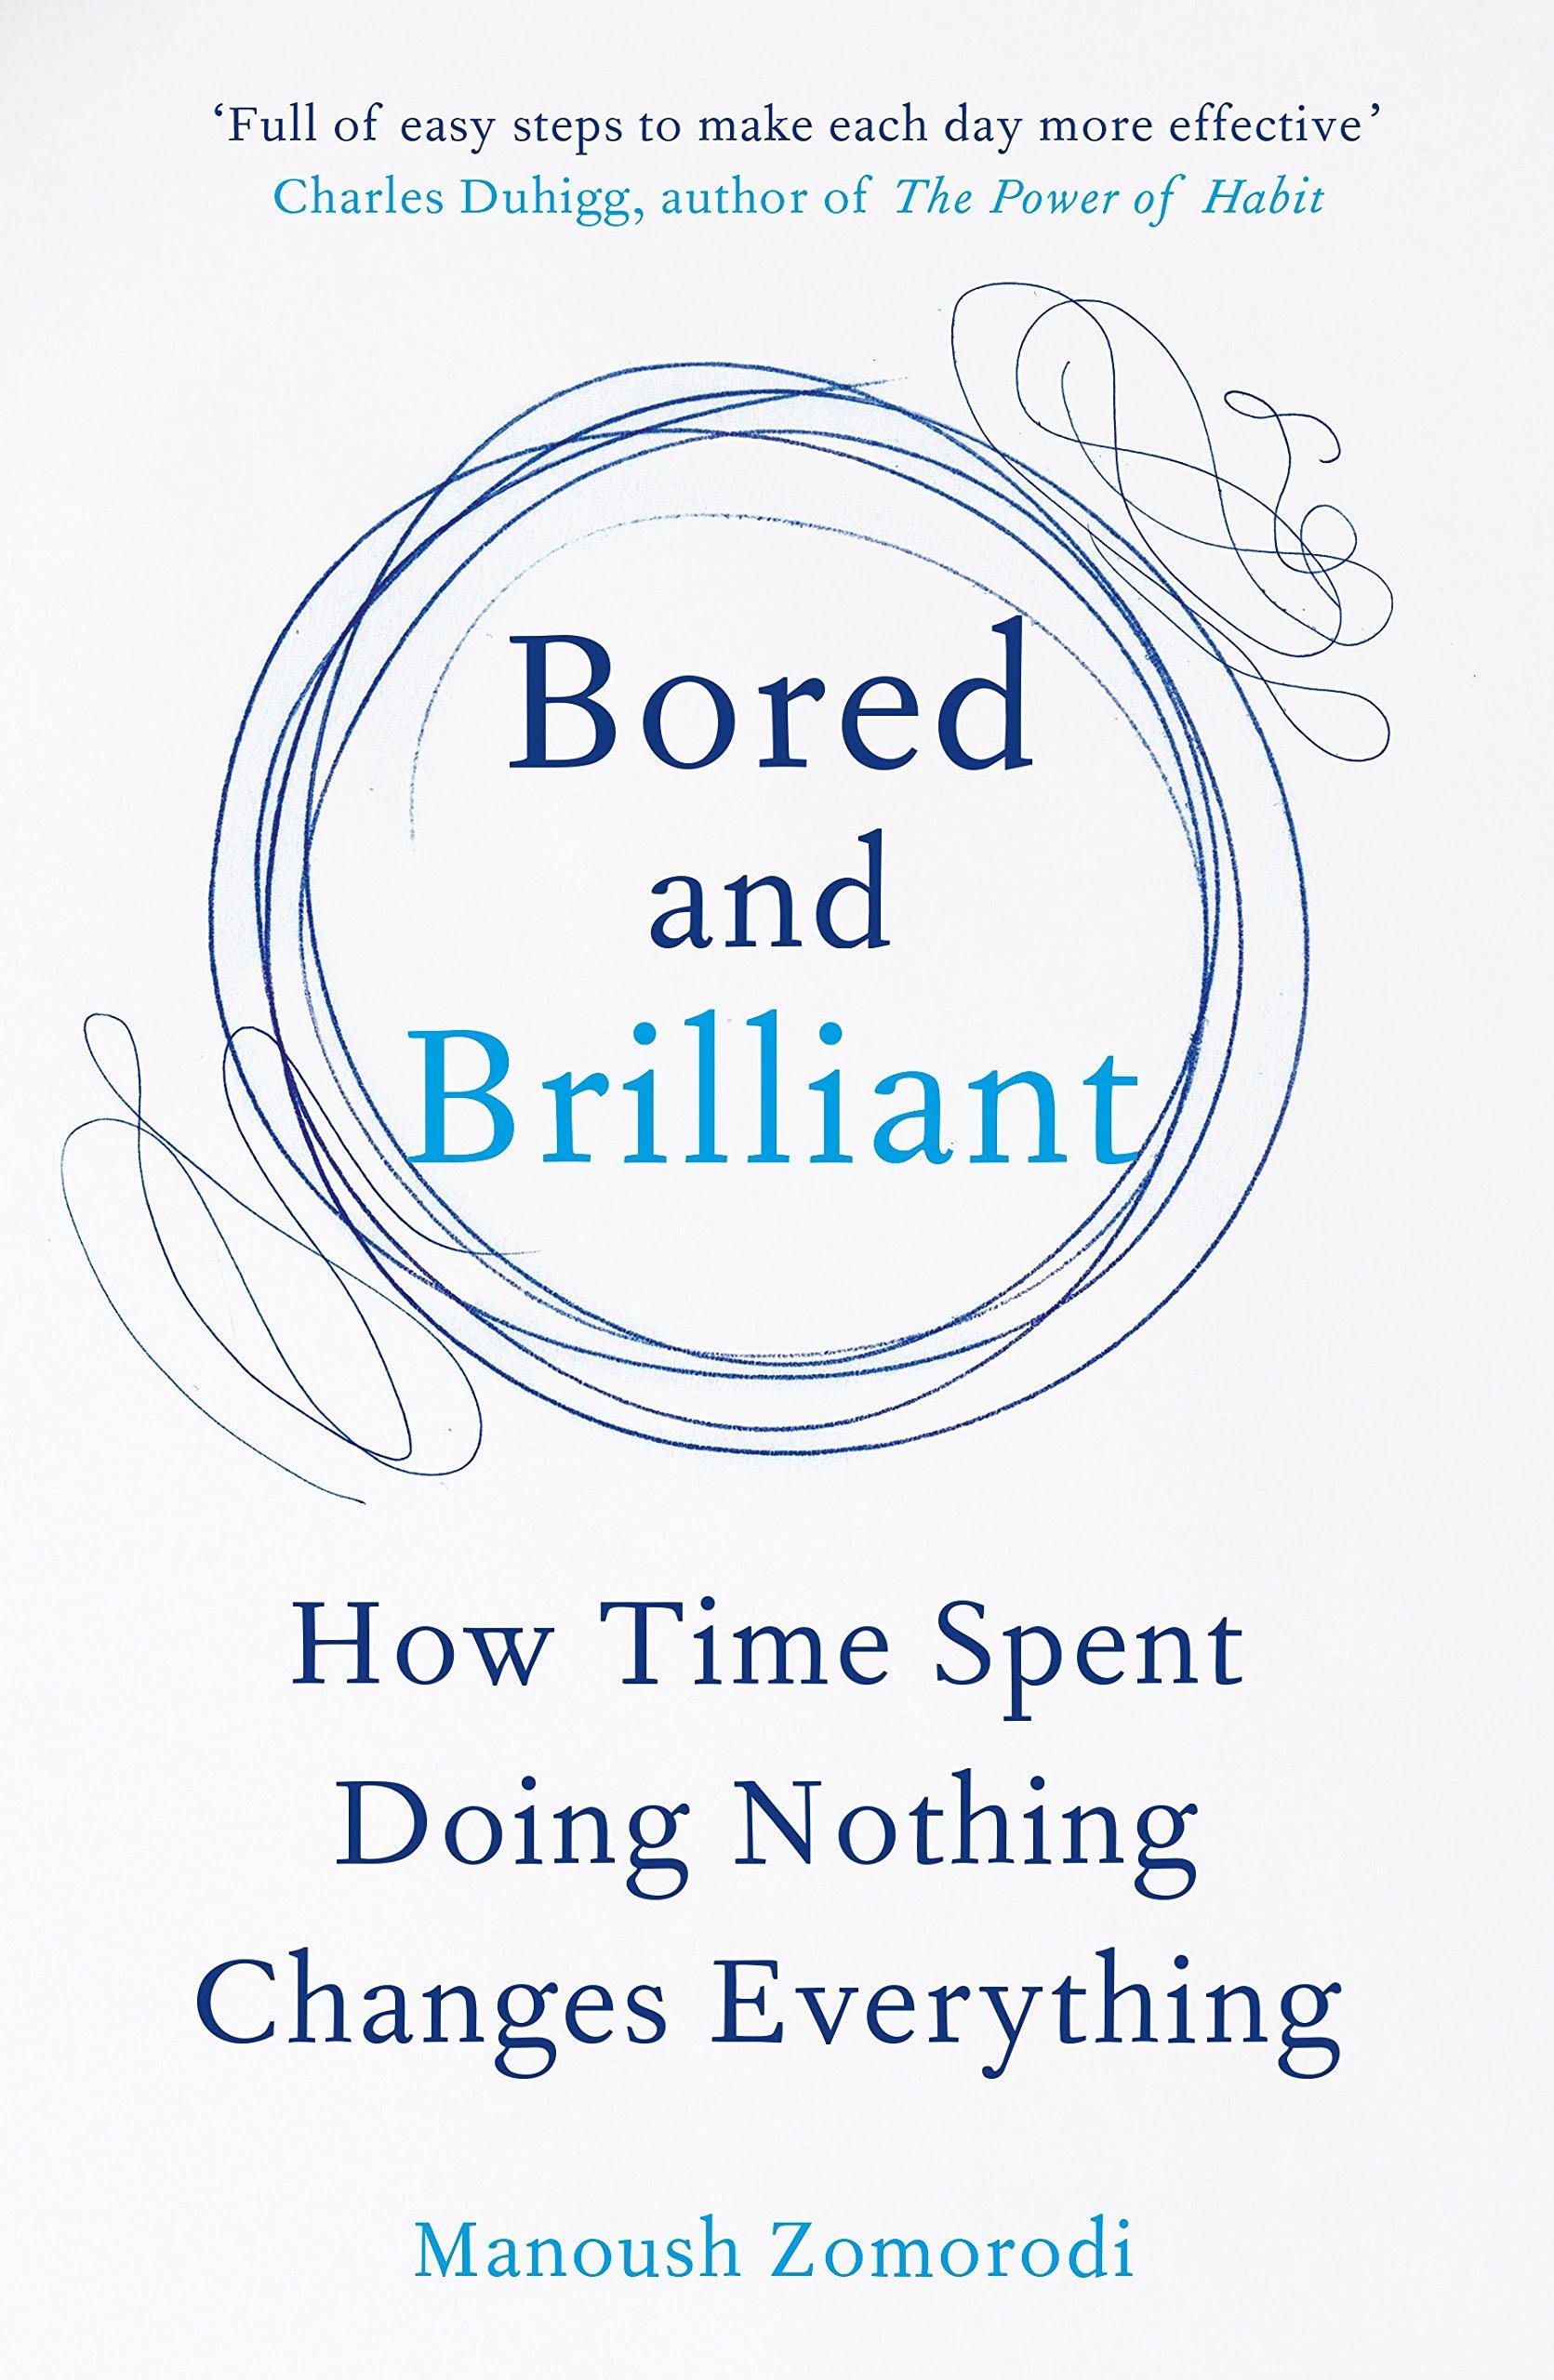 Bored and Brilliant book cover by Manoush Zomorodi.